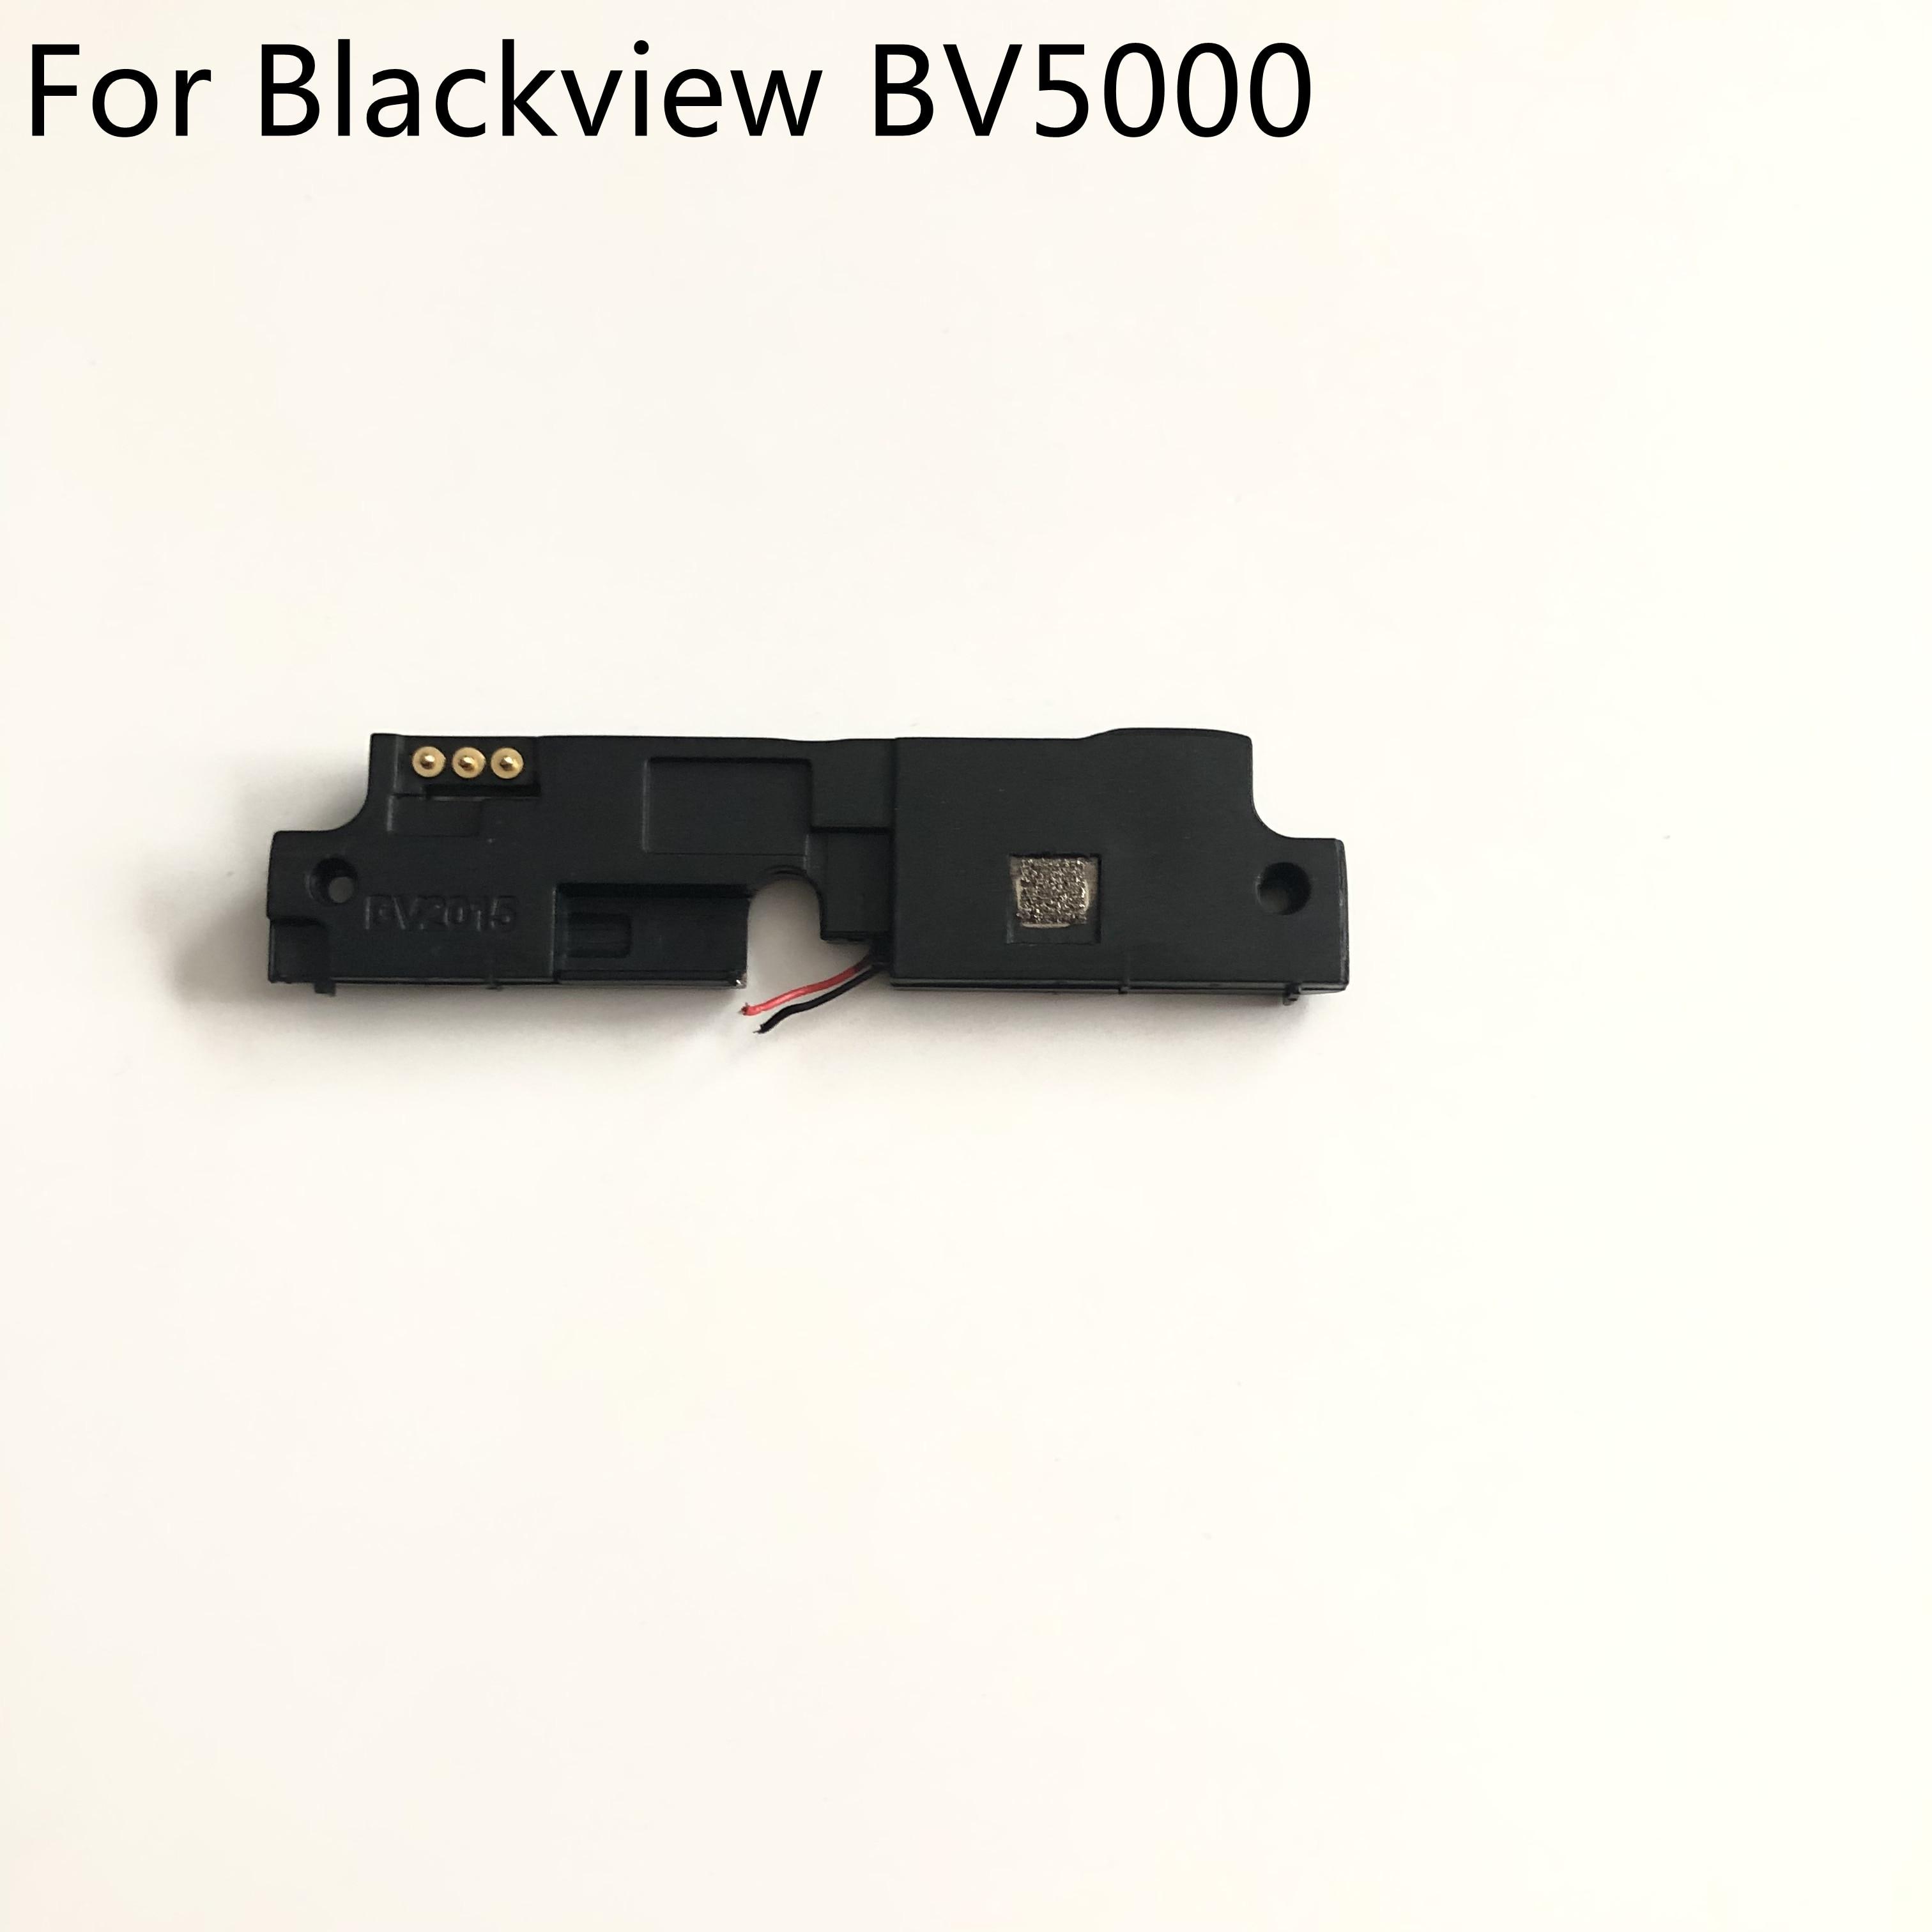 Blackview BV5000 Used Loud Speaker Buzzer Ringer For Blackview BV5000 MTK6735 Quad Core 5.0